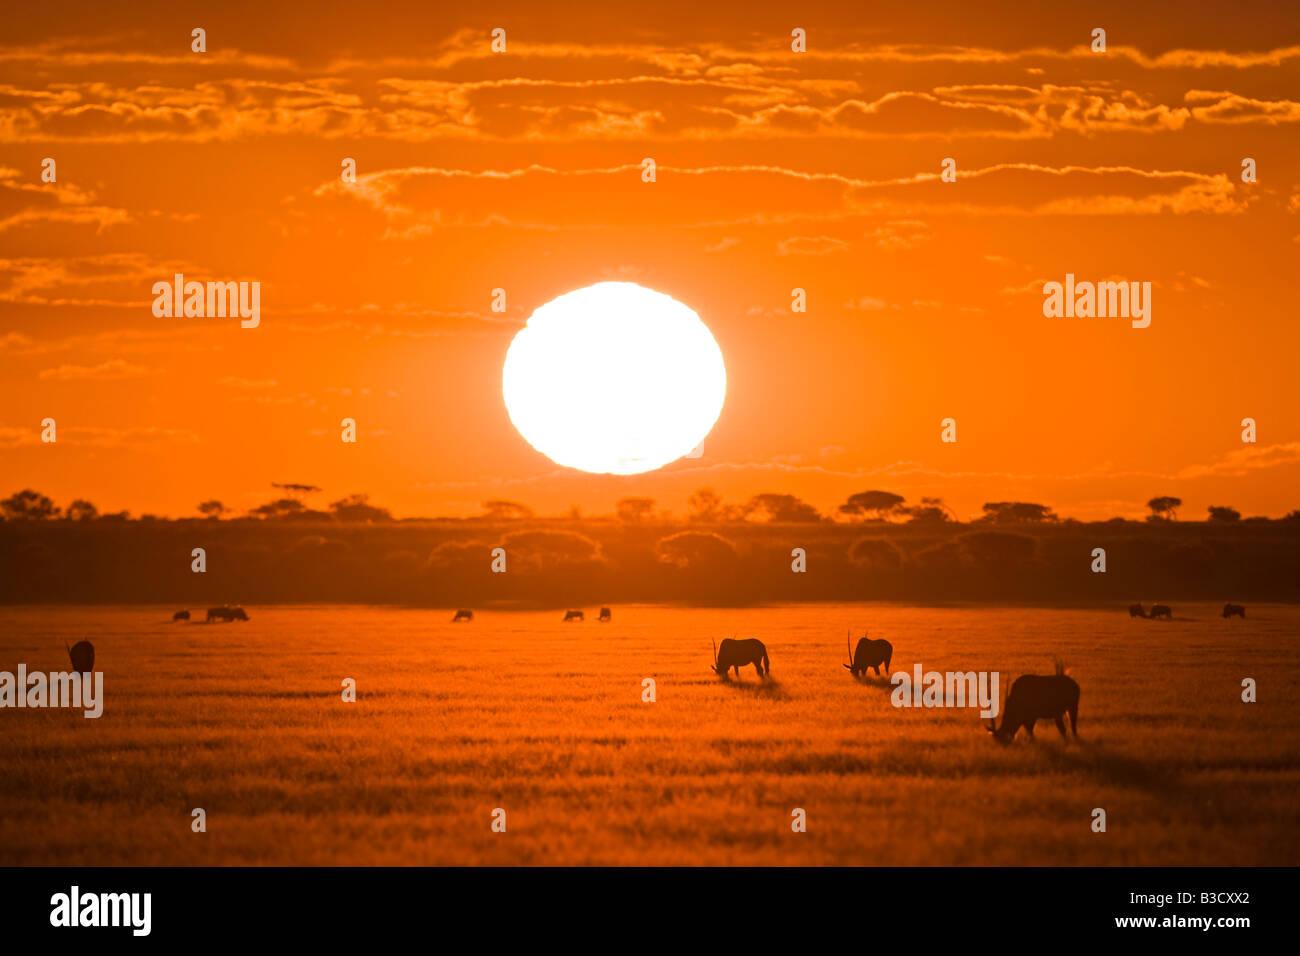 Africa, Botswana, Silhouette of gemsbok herd (Oryx gazella) at sunset - Stock Image